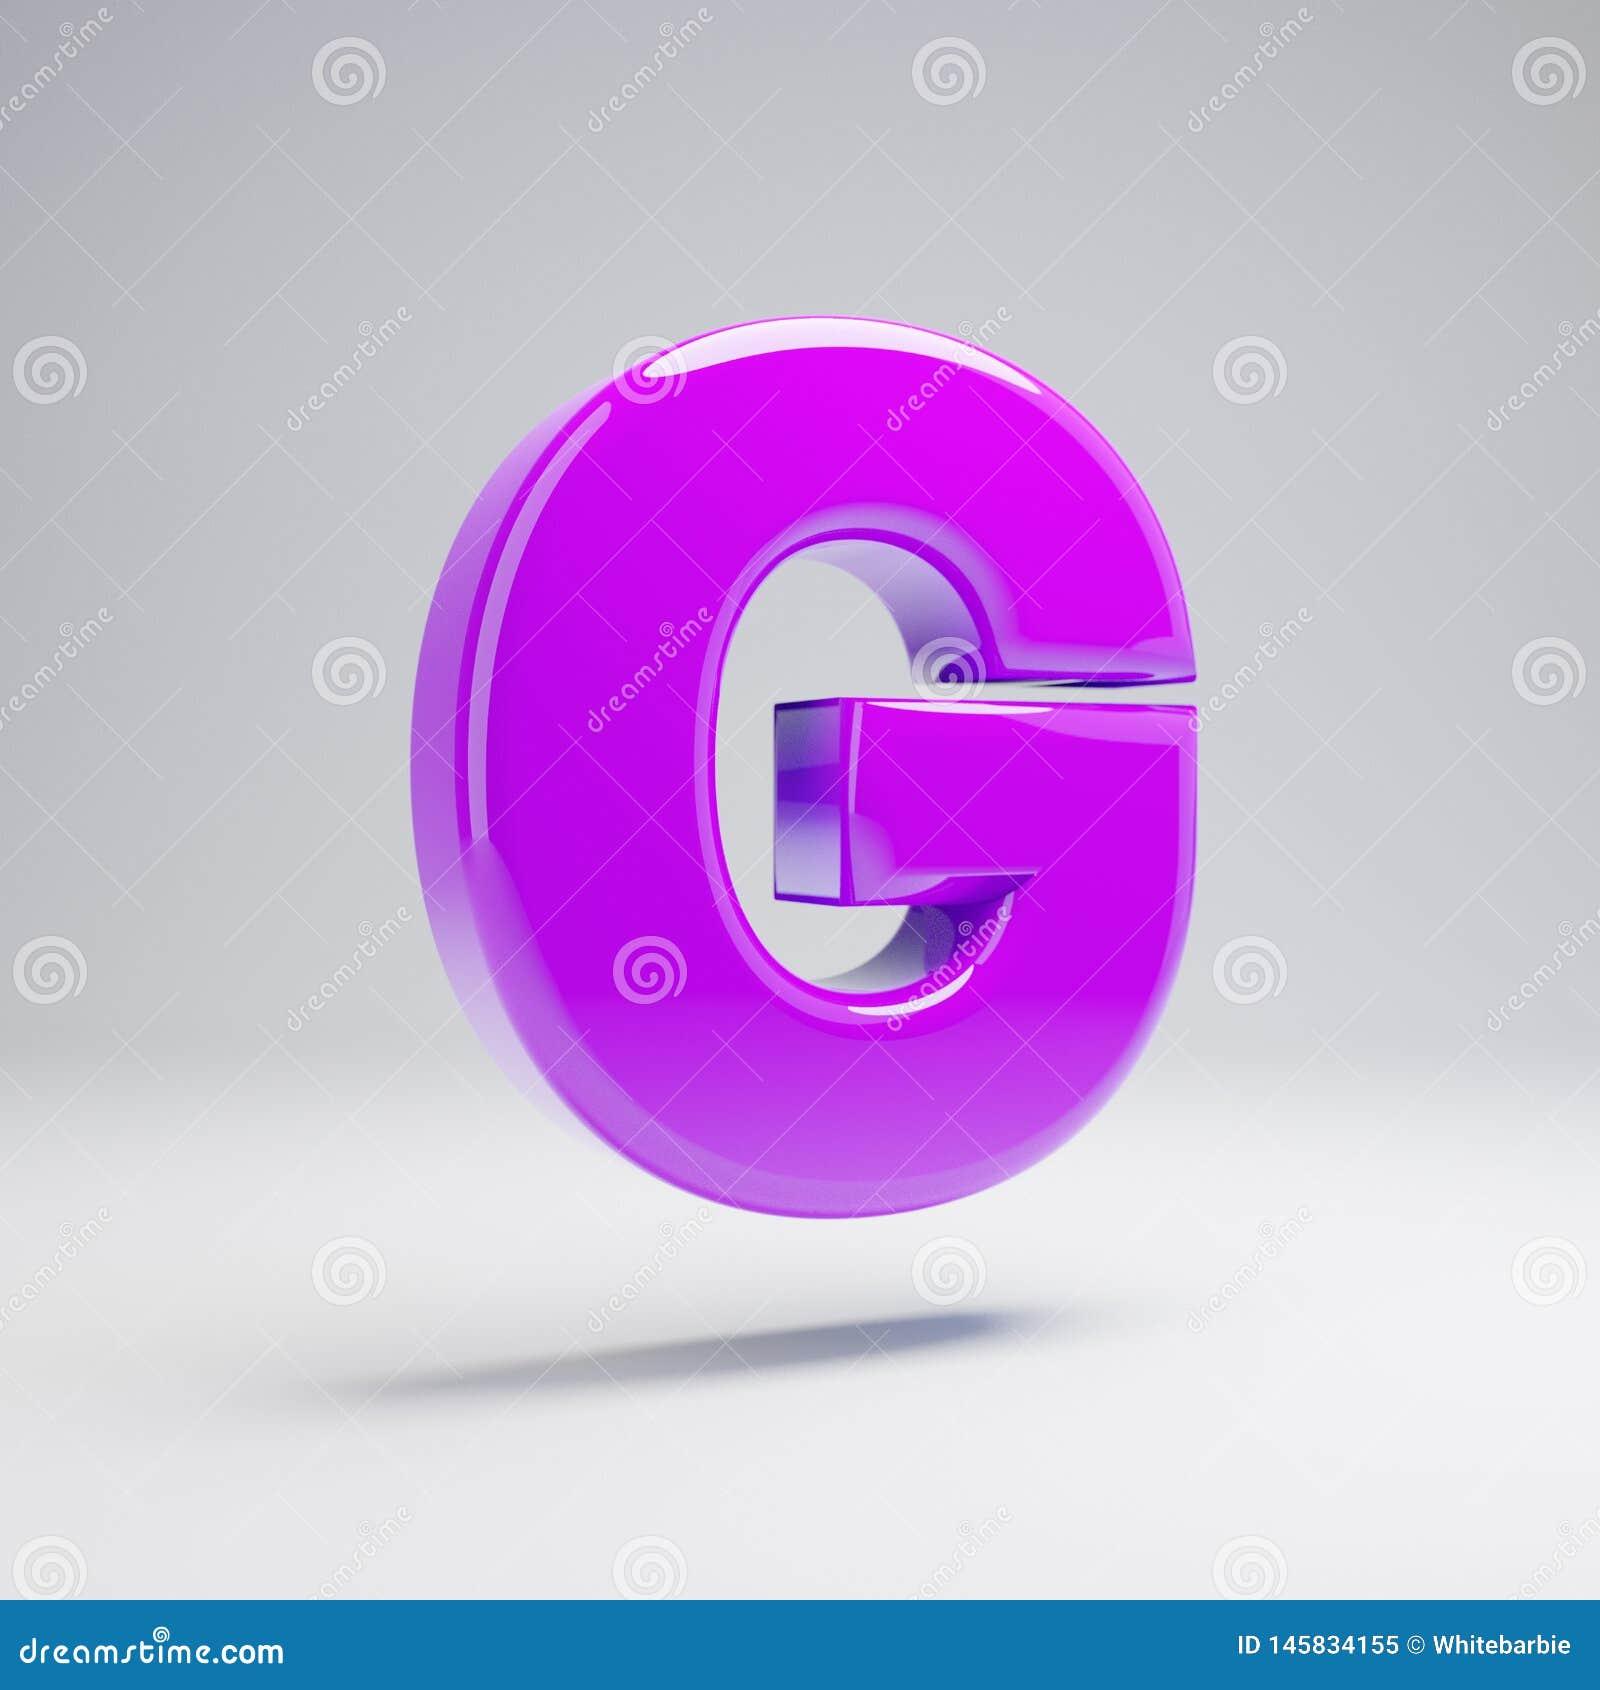 容量光滑的在白色背景G隔绝的紫罗兰大写字目